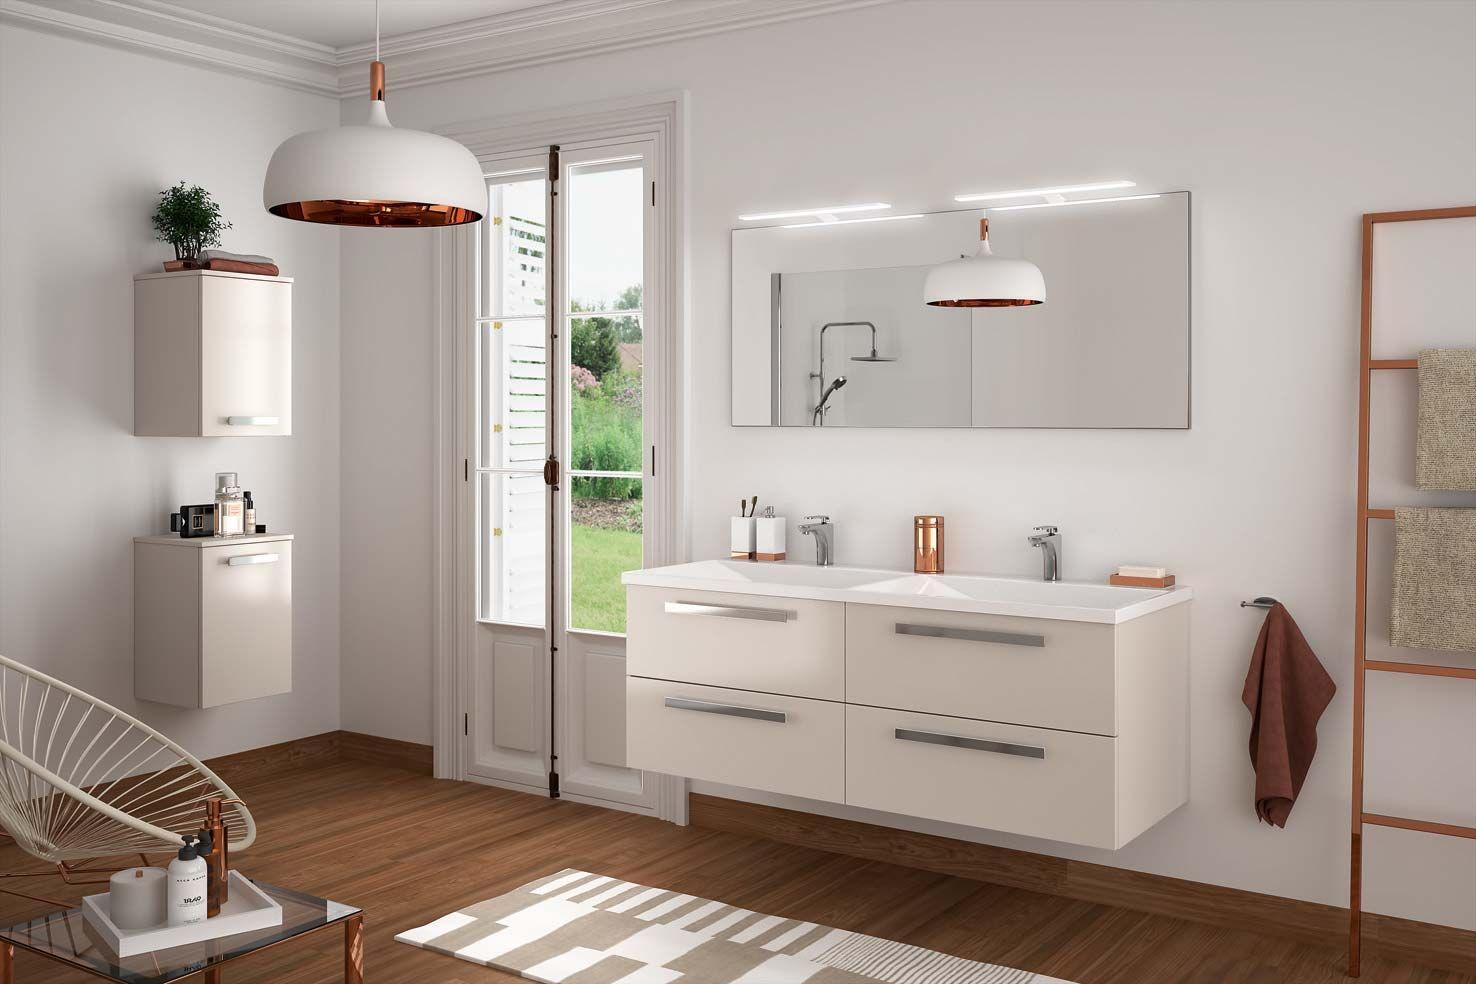 meuble de salle de bain cedam gamme harmonie dcor cachemire ambiance pure accessoires - Salle De Bain Epuree